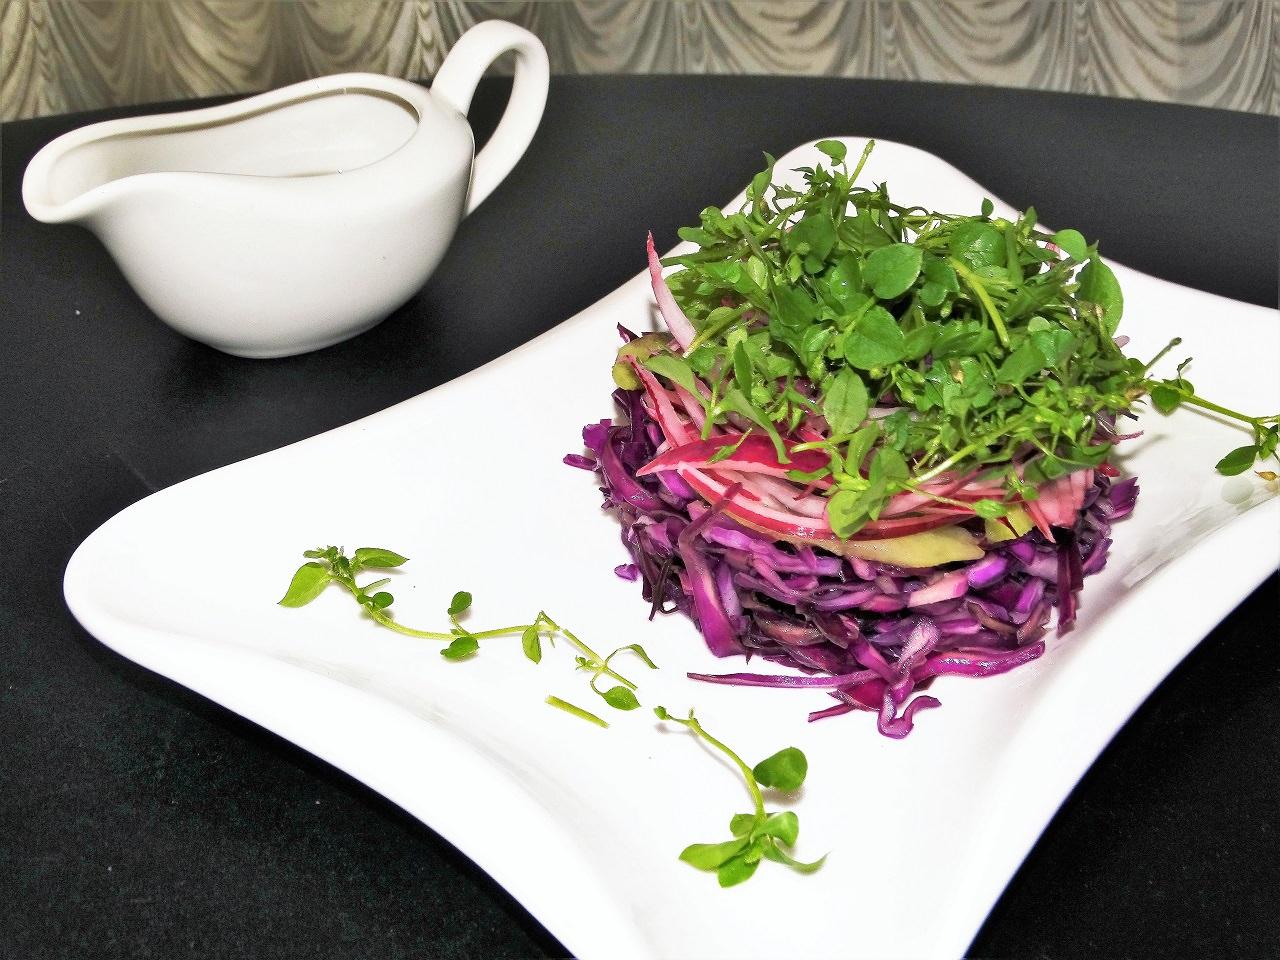 Кресс-салат: польза и вред, применение, свойства, фото